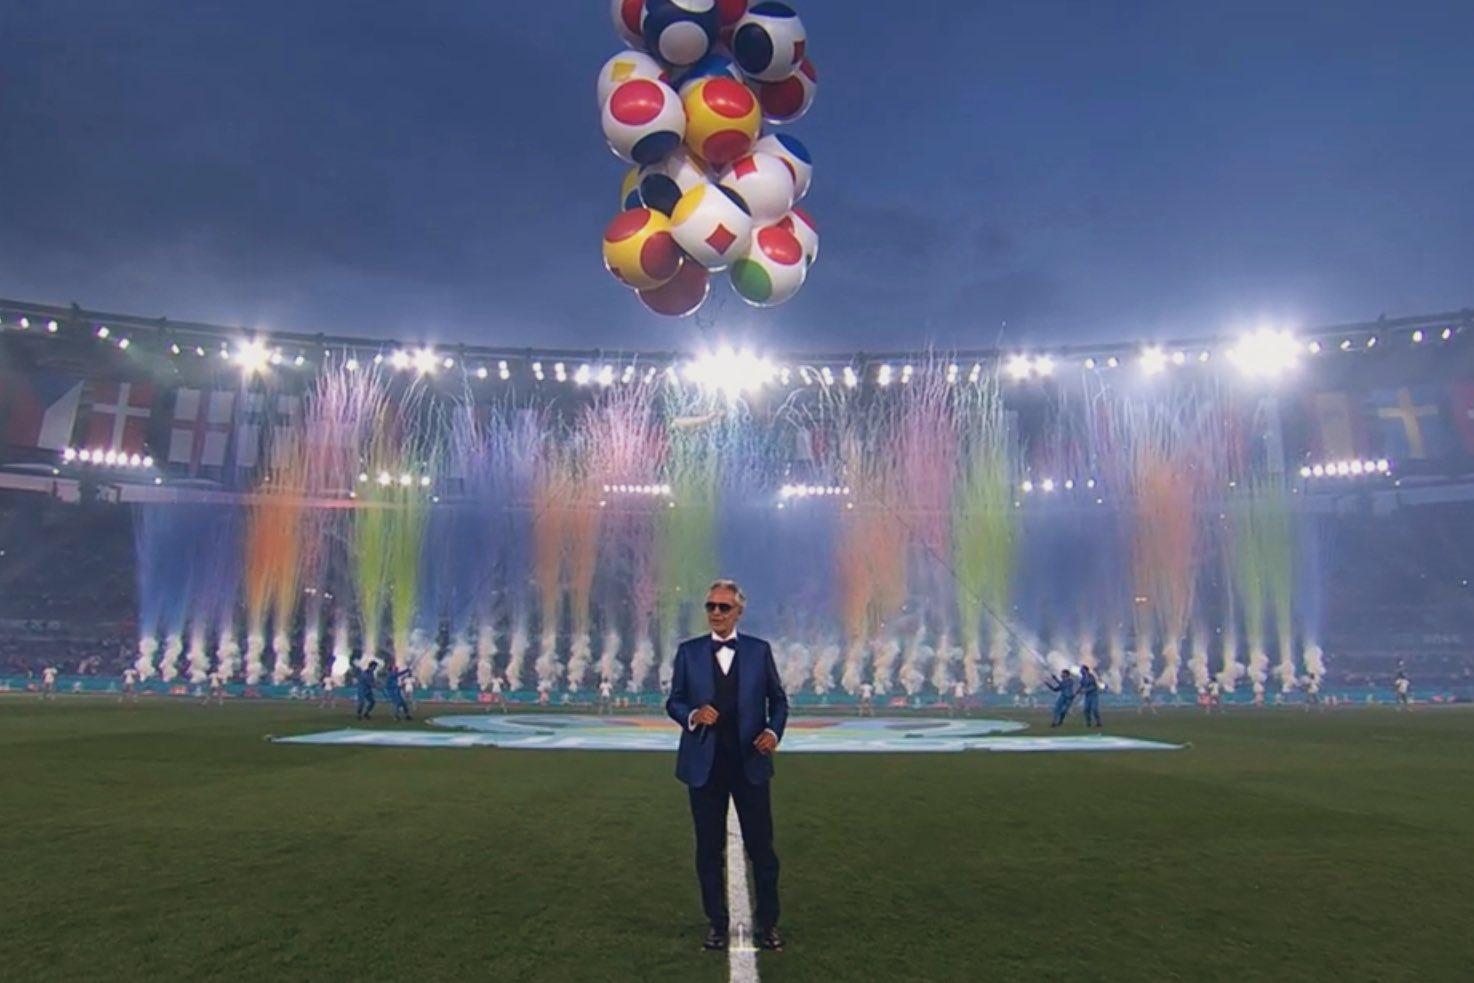 Nam ca sĩ Andrea Bocelli, người đã bình phục sau COVID-19 vào năm 2020, đã có màn trình diễn chạm đến trái tim của hàng triệu người ở Ý qua bài hát mang tính biểu tượng Nessun Dorma, đây là bài hát chính thức của Italia 90.